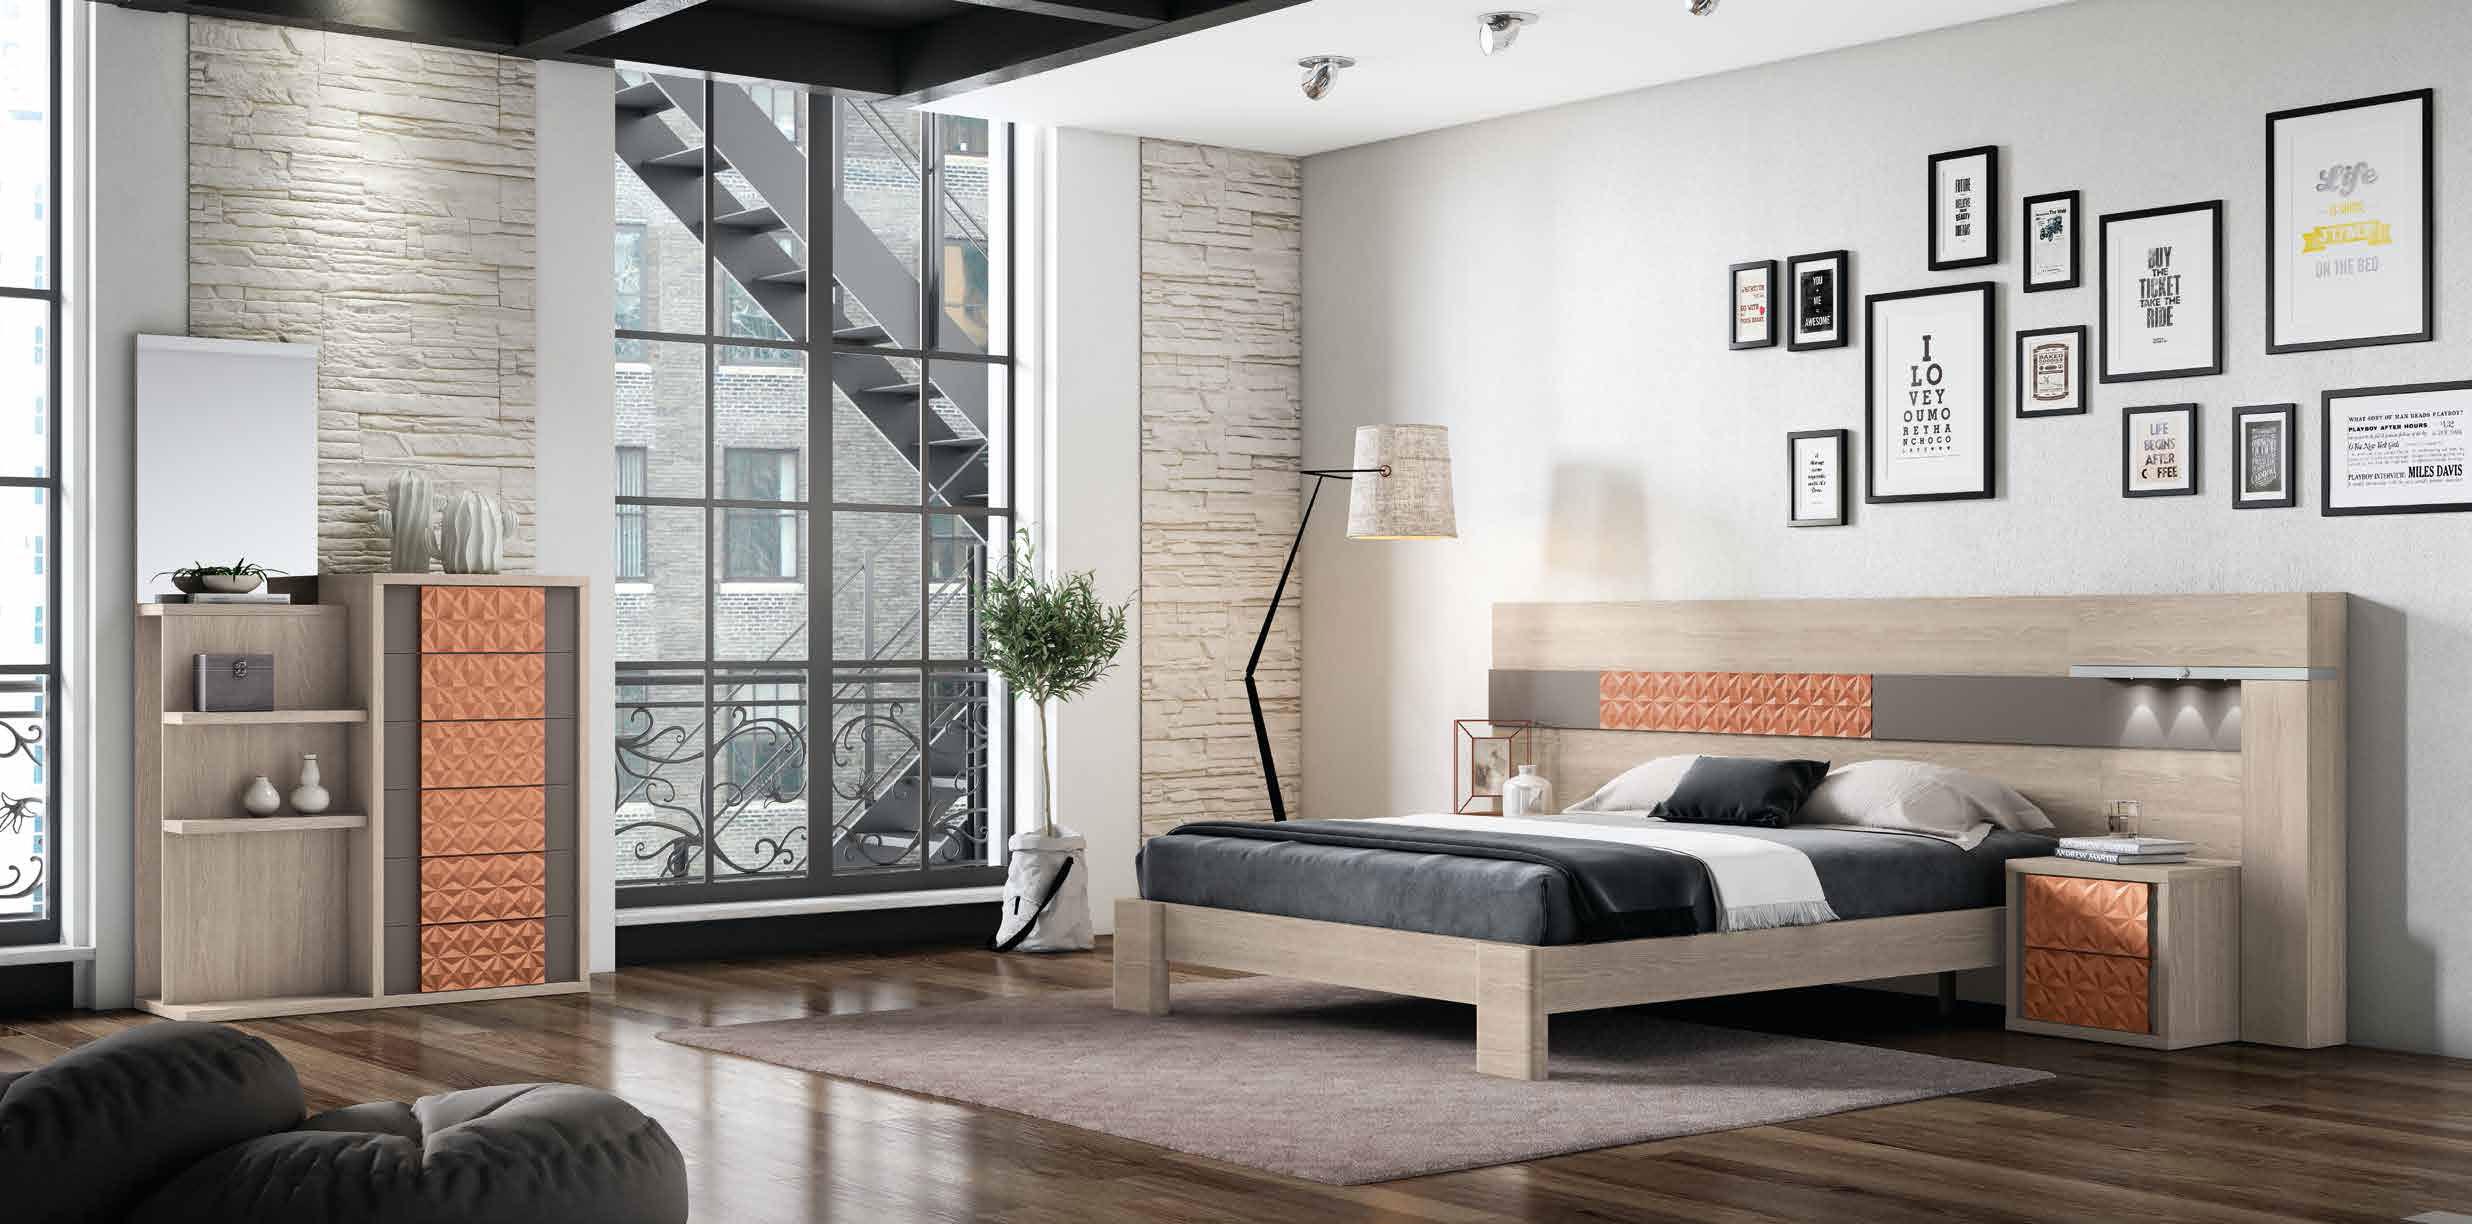 creta-dormitorio-gaia-tax-11